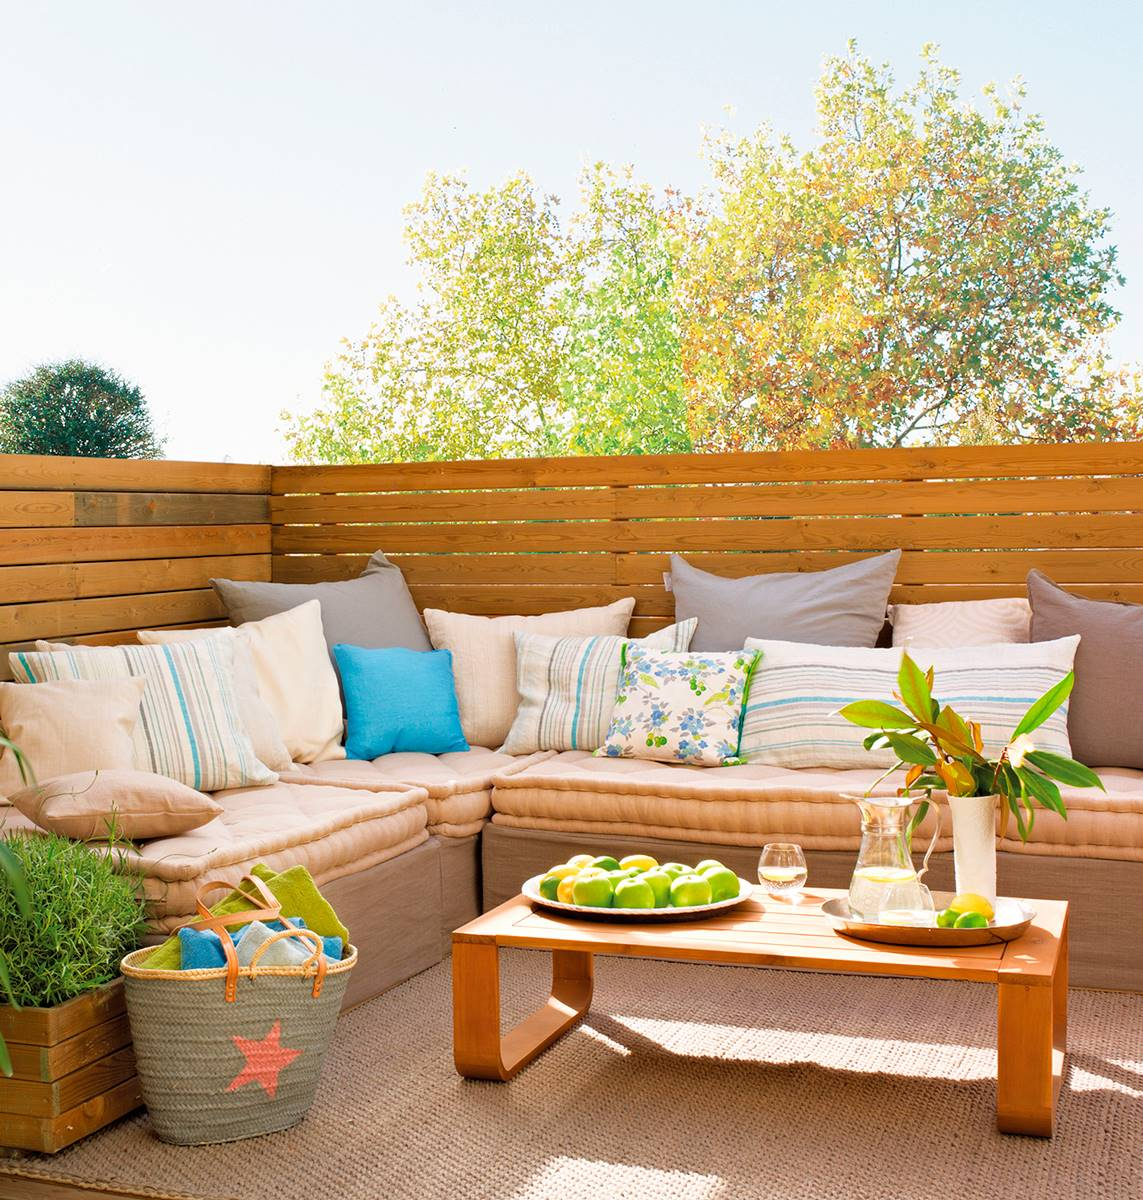 decorar-una-terraza-en-forma-de-l_07c47683_1143x1200-2